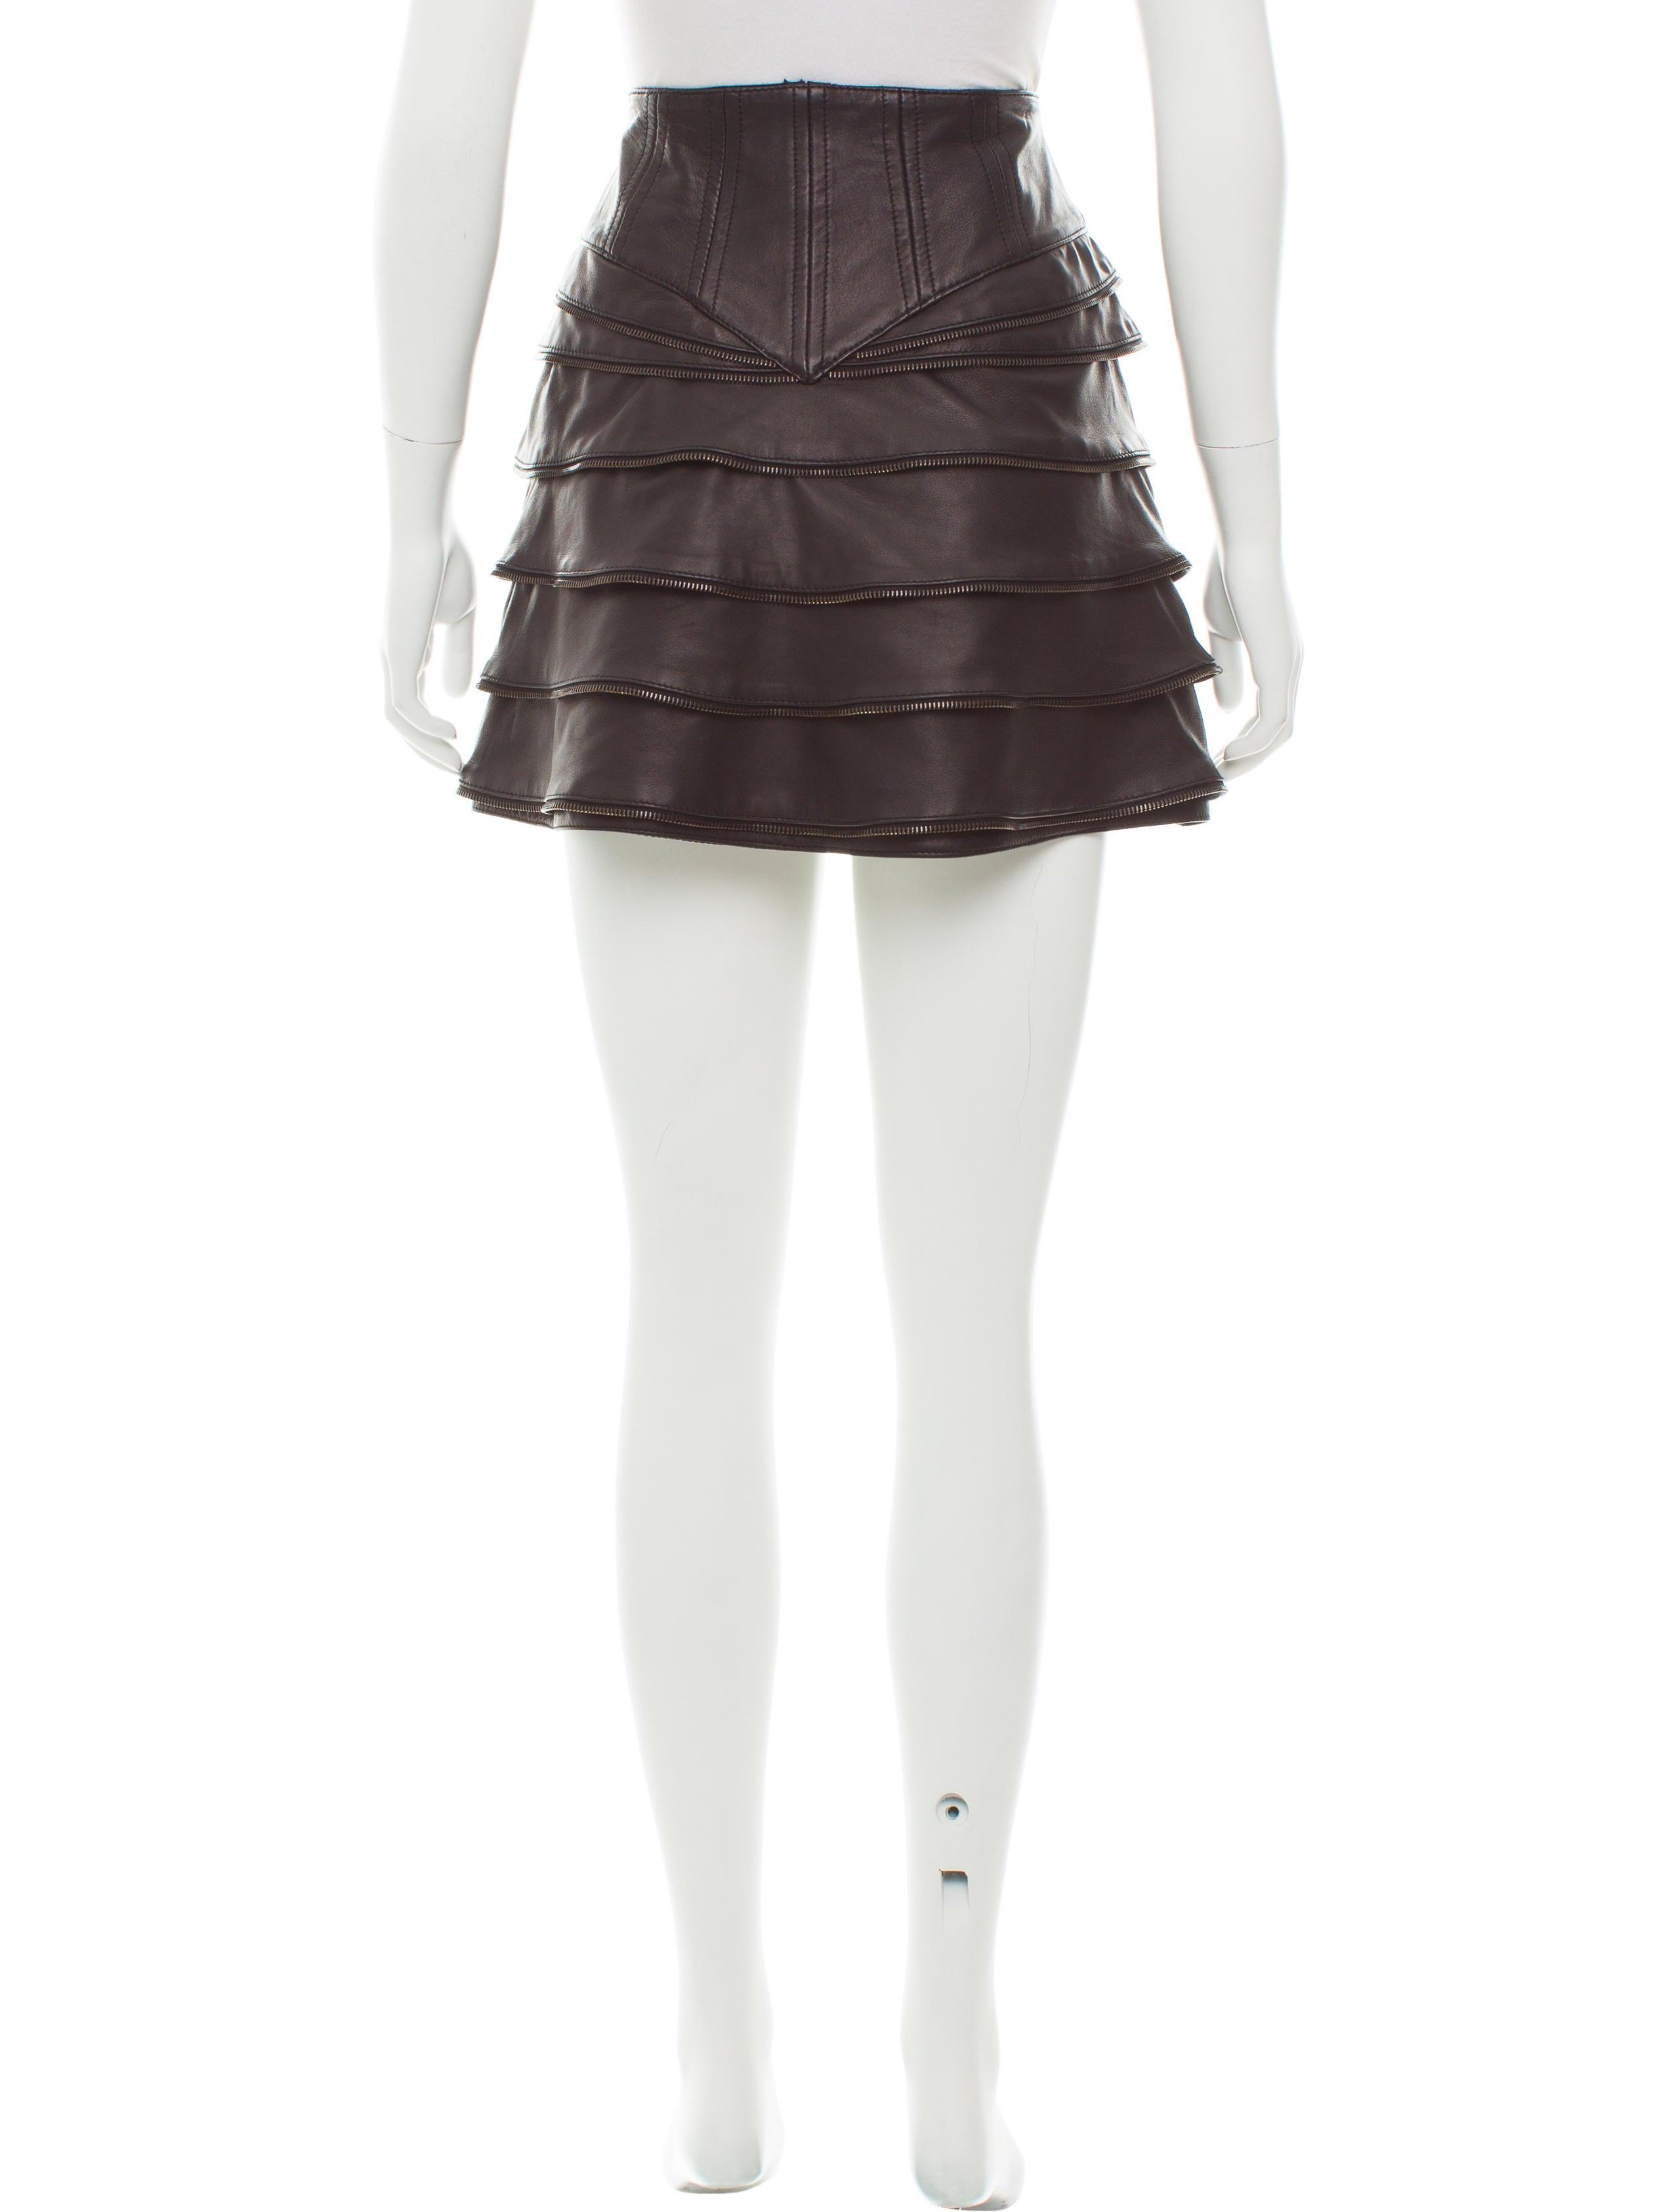 Just Cavalli Leather Mini Skirt - Clothing